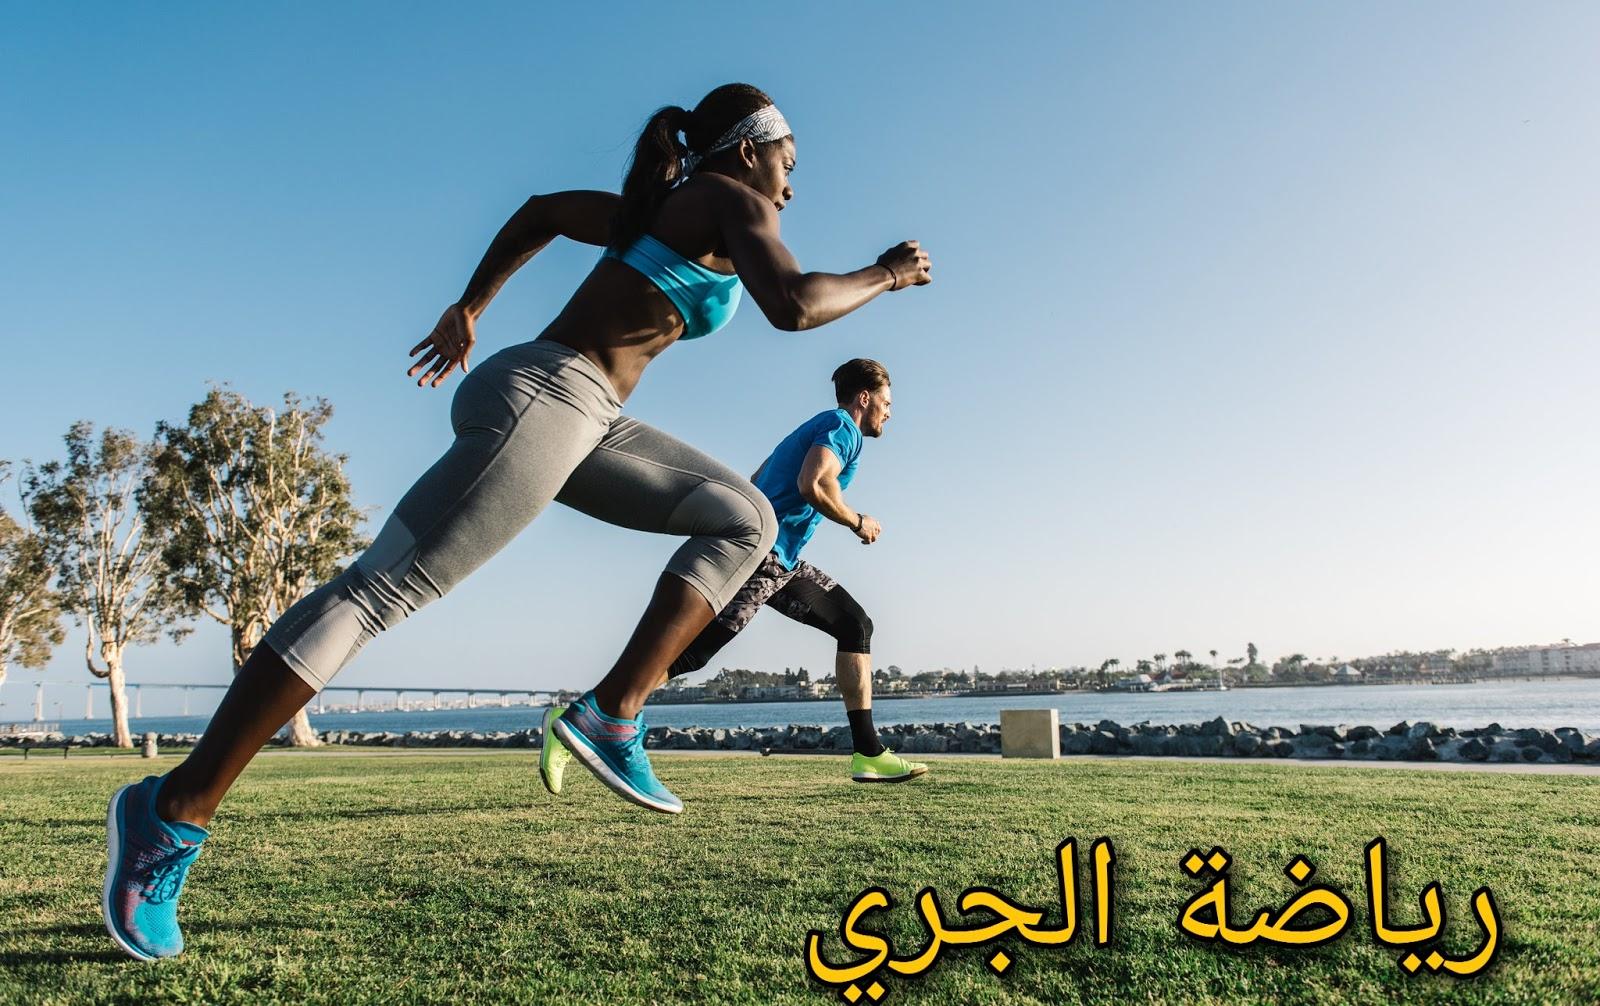 رياضة الجري - برنامج الجري